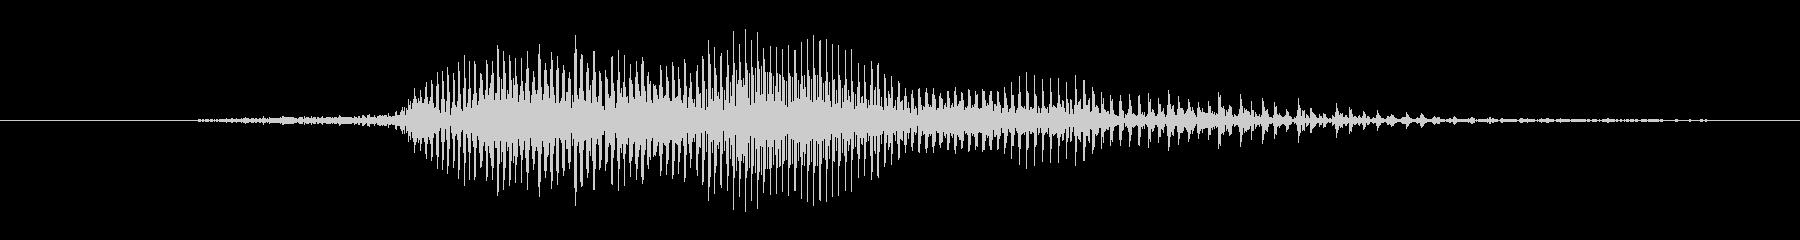 鳴き声 男性の勝利の勝利02の未再生の波形